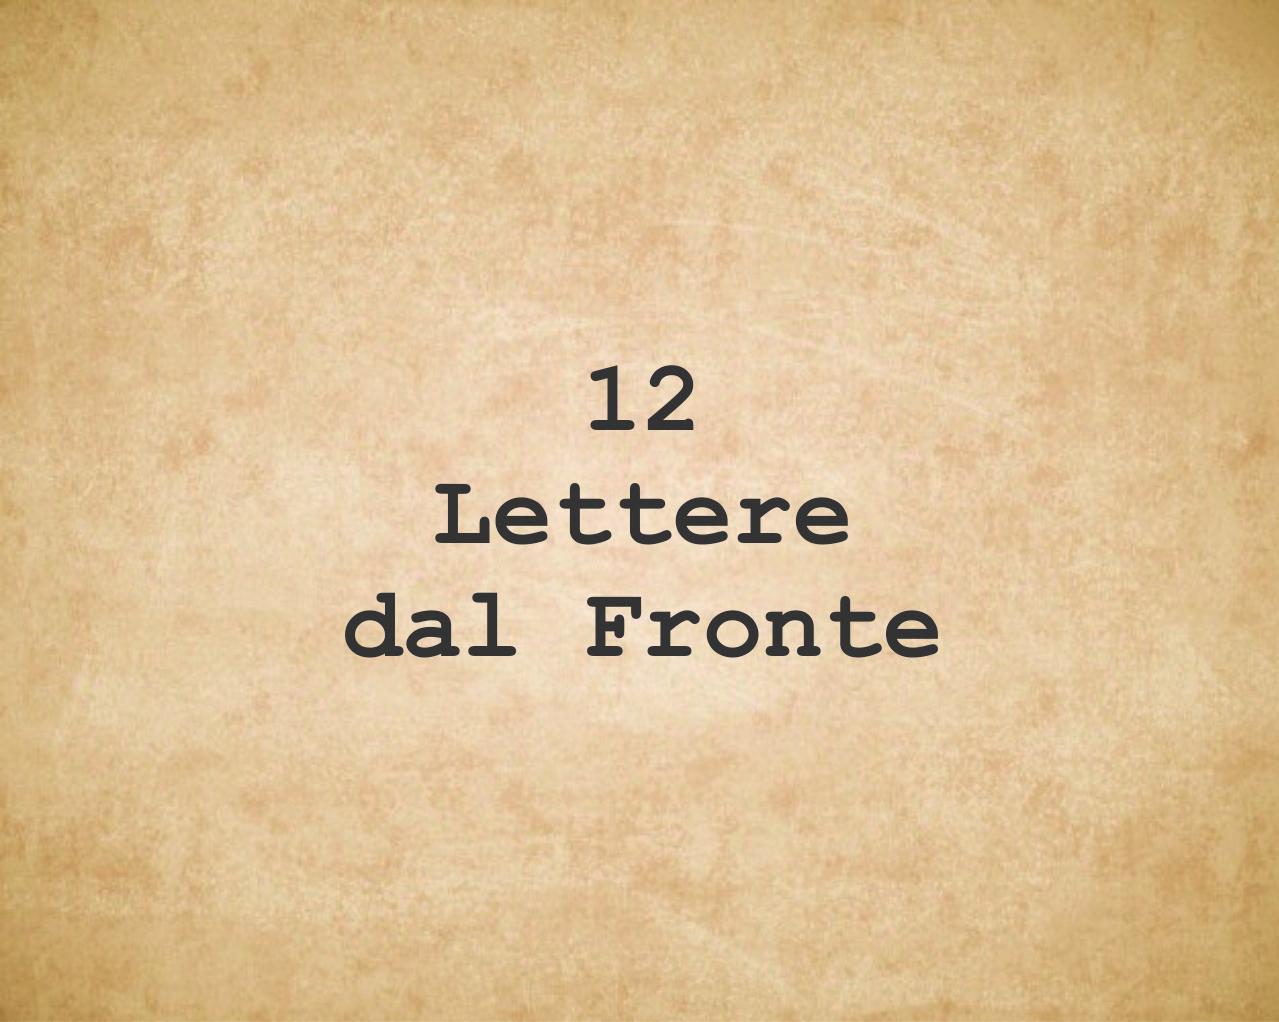 Lettere dal fronte Squadratlantica